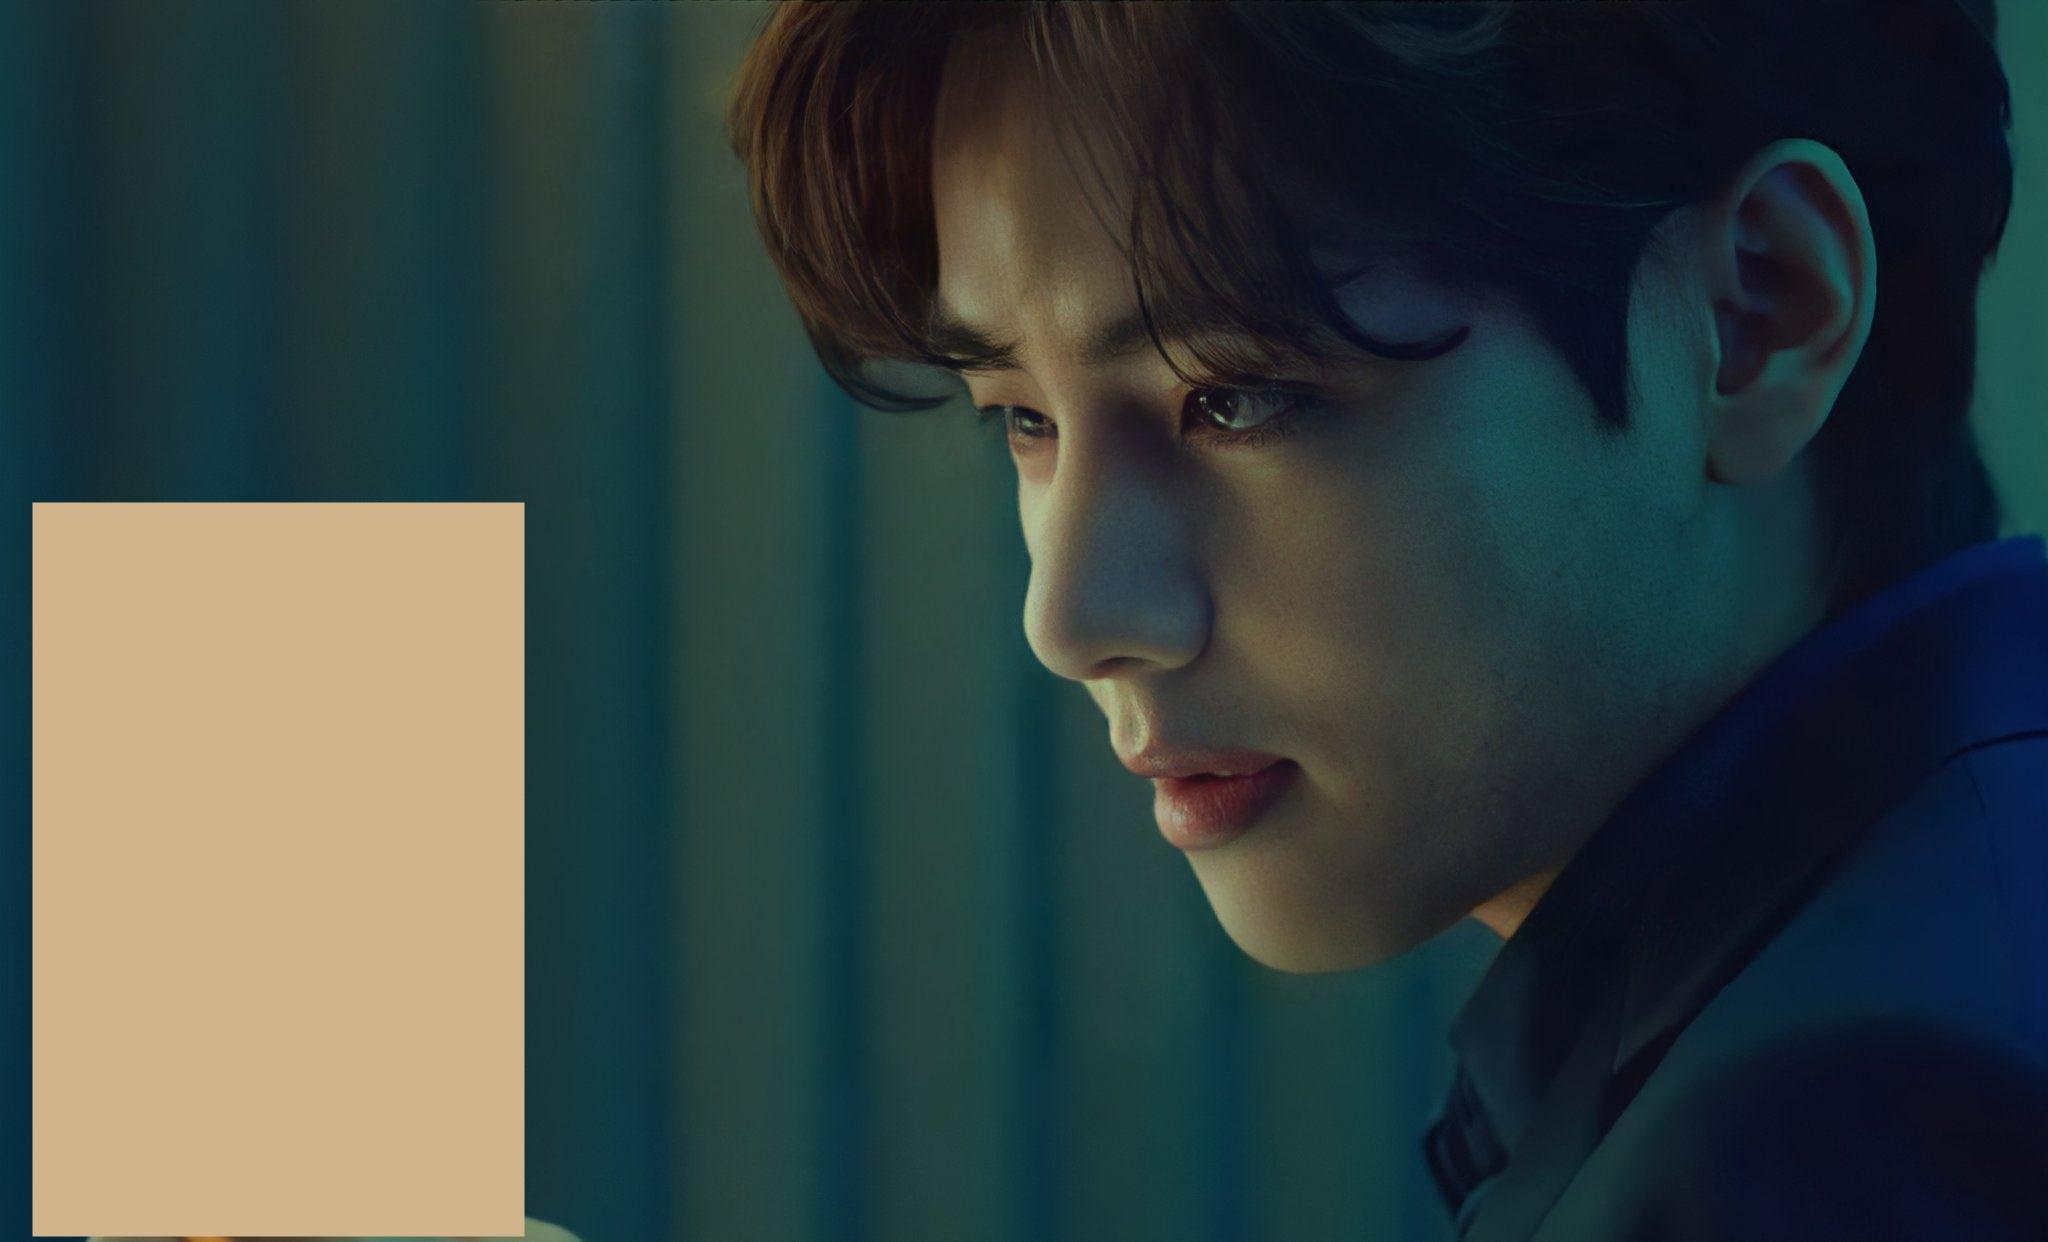 V làm nhân vật chính trong quảng cáo của BTS khiến akgae fan Jung Kook nổi điên - 2